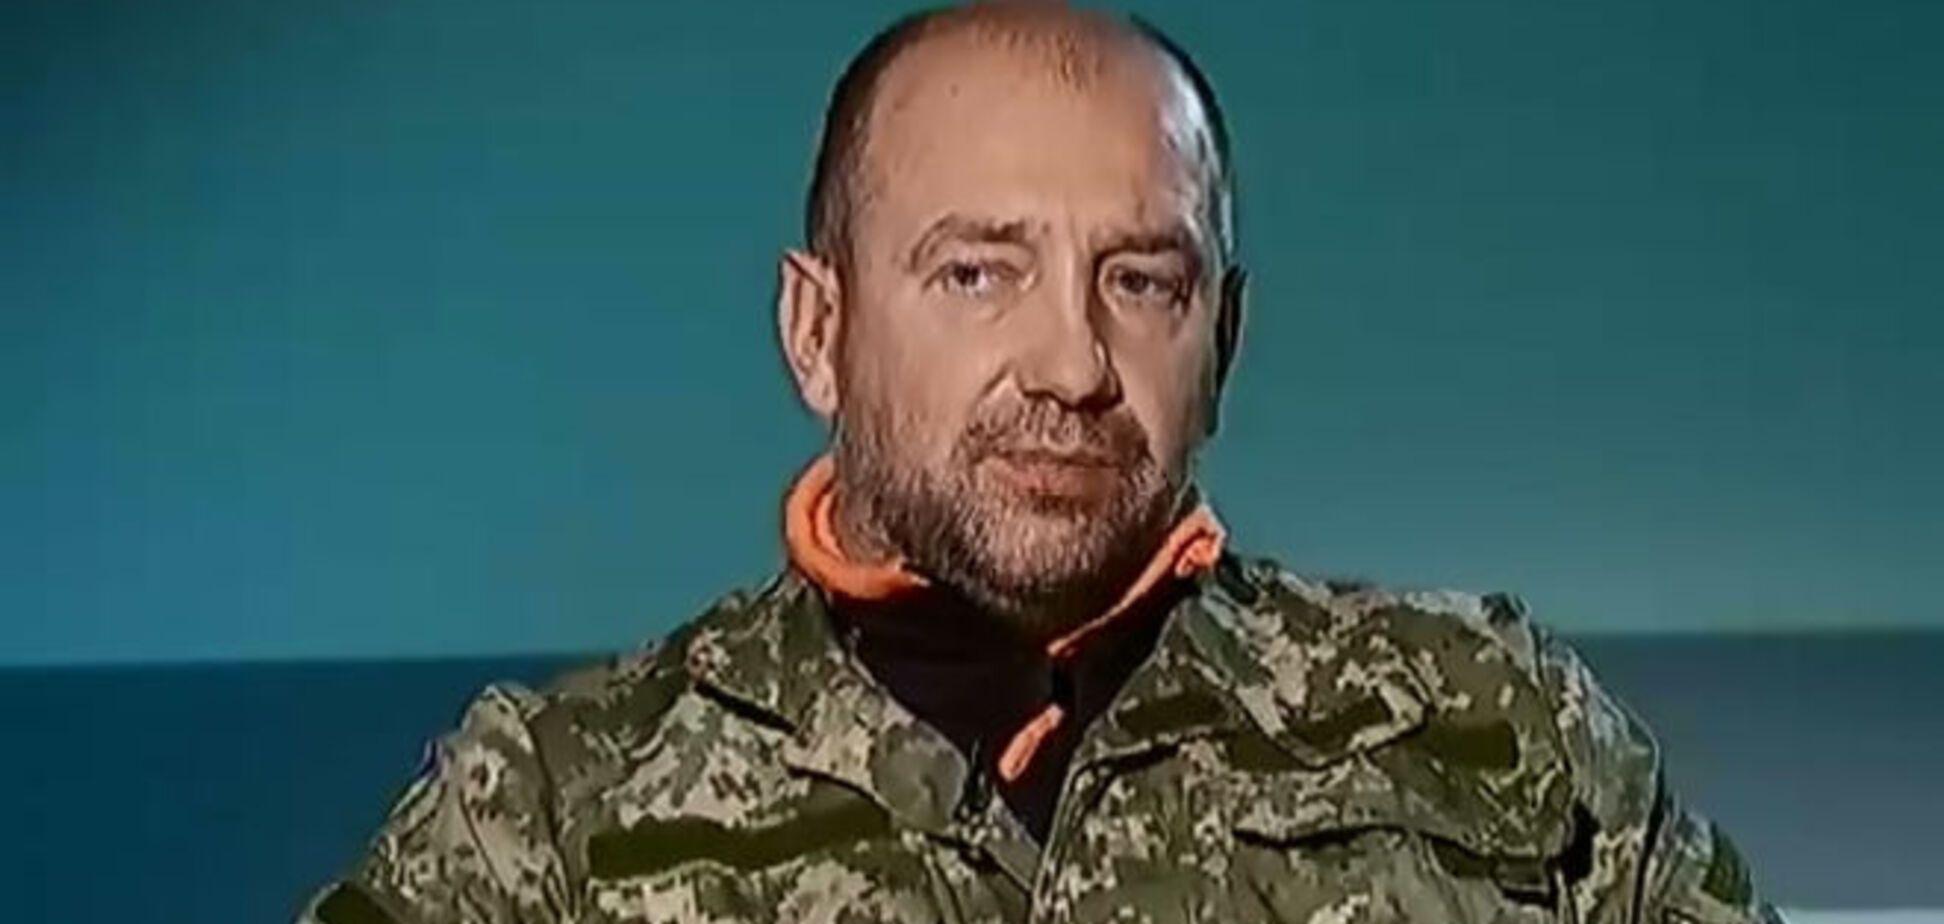 Мельничук пояснив, чому не можна його заарештовувати